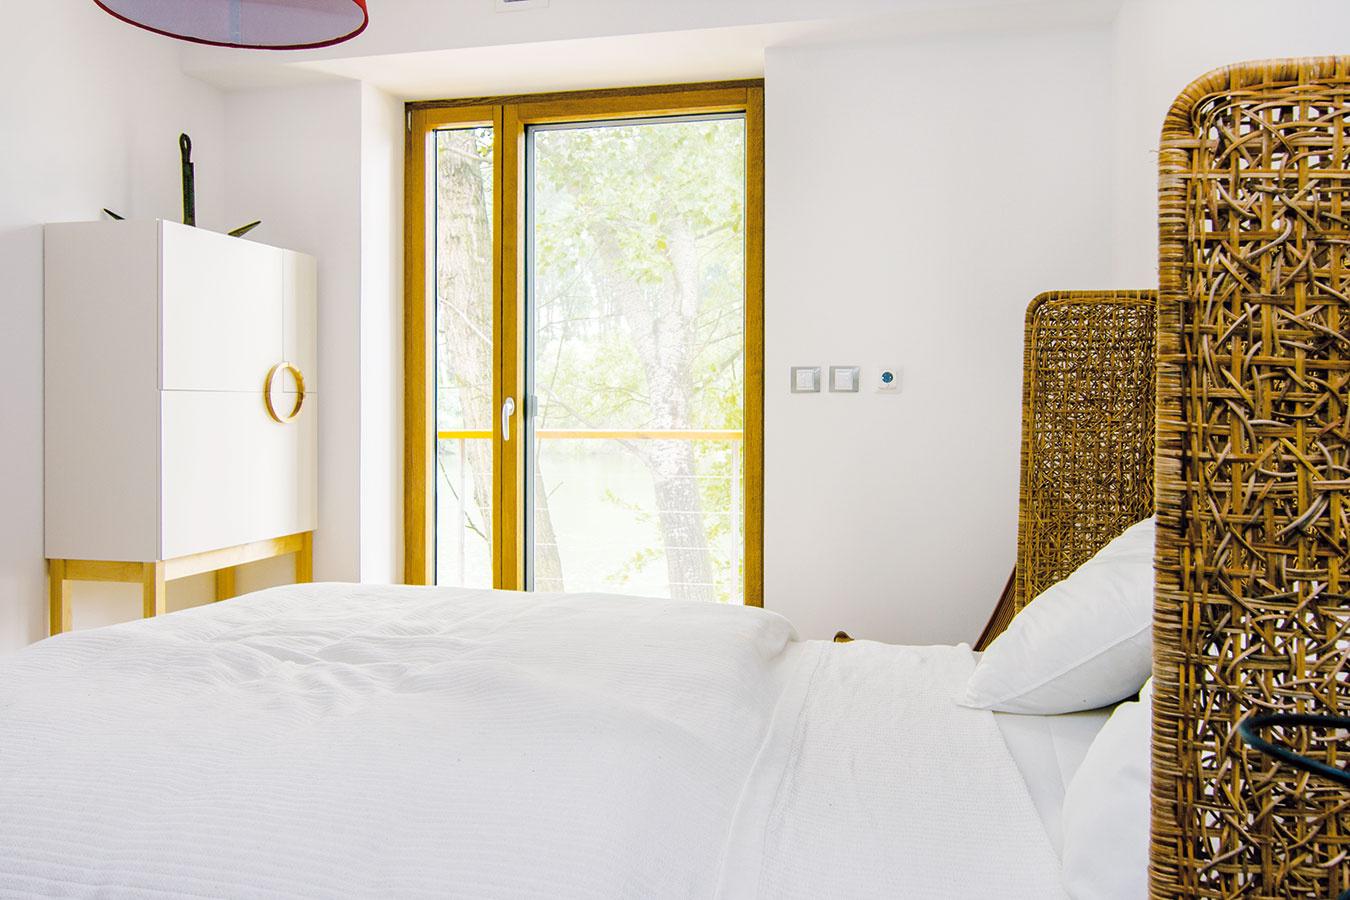 """""""TRI SPÁLNE zatiaľ slúžia ako hosťovské izby. Exteriér aani interiér sa nezaťažoval prvkami navyše. Kompozíciu som navrhla pre potreby tejto rodiny, ktorá uprednostňuje rodinný ispoločenský život votvorenom priestore spojenom svonkajším prostredím,"""" hovorí architektka."""